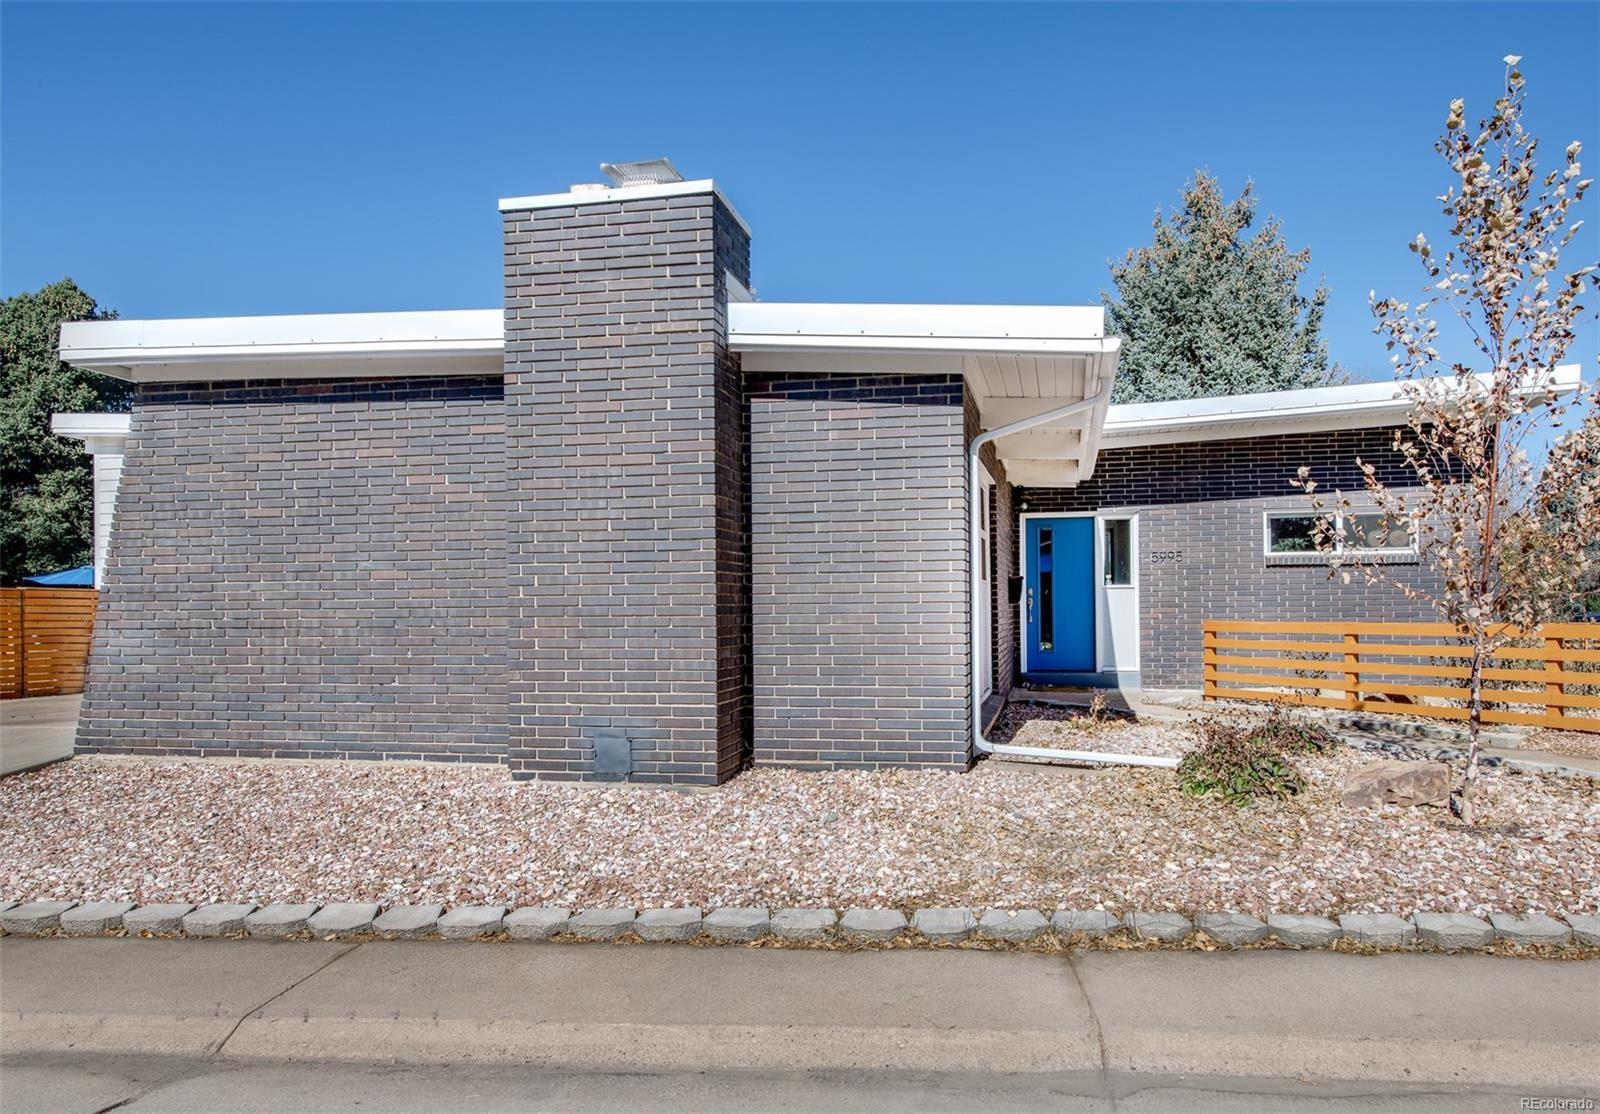 MLS# 4148317 - 28 - 5995 S Clarkson Street, Centennial, CO 80121